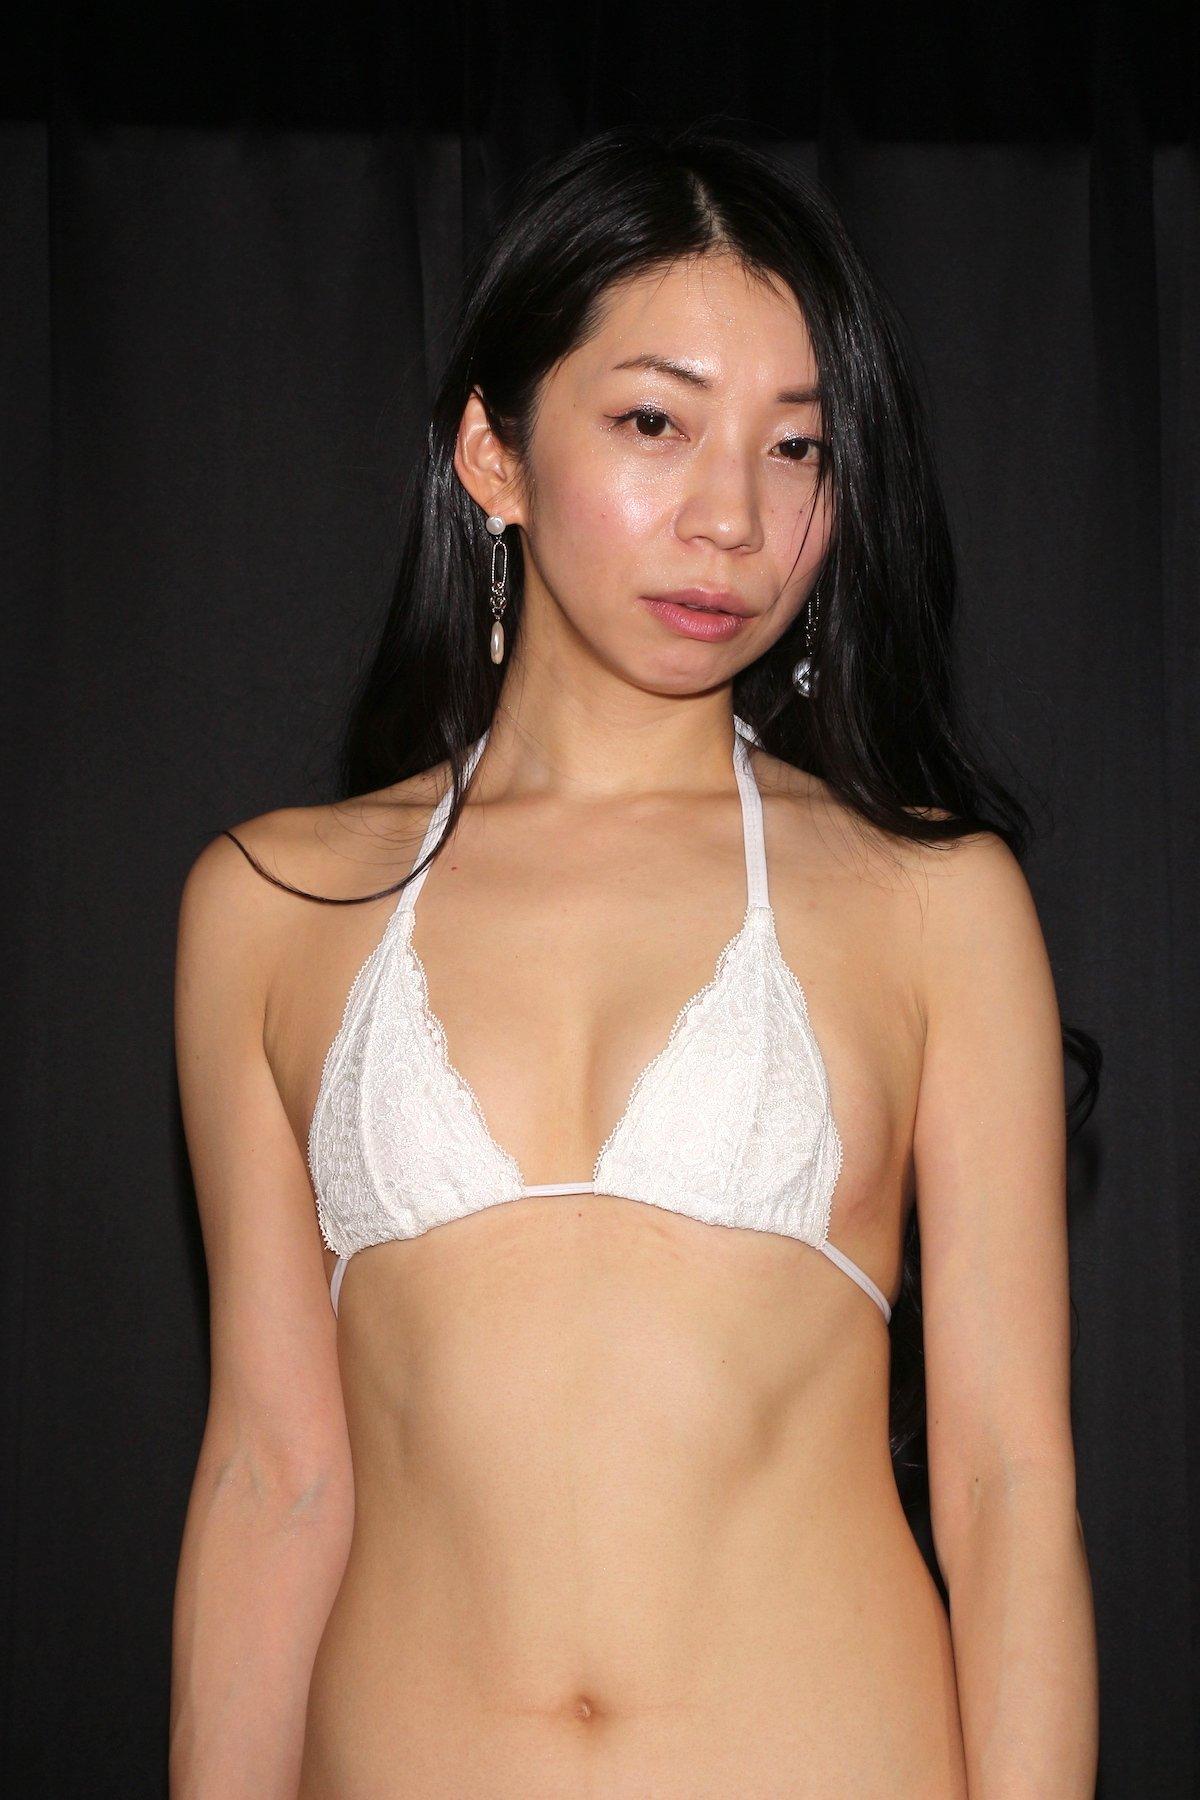 岩崎真奈「ベンチの縁にこすったり」私史上最高にセクシー【画像50枚】の画像012